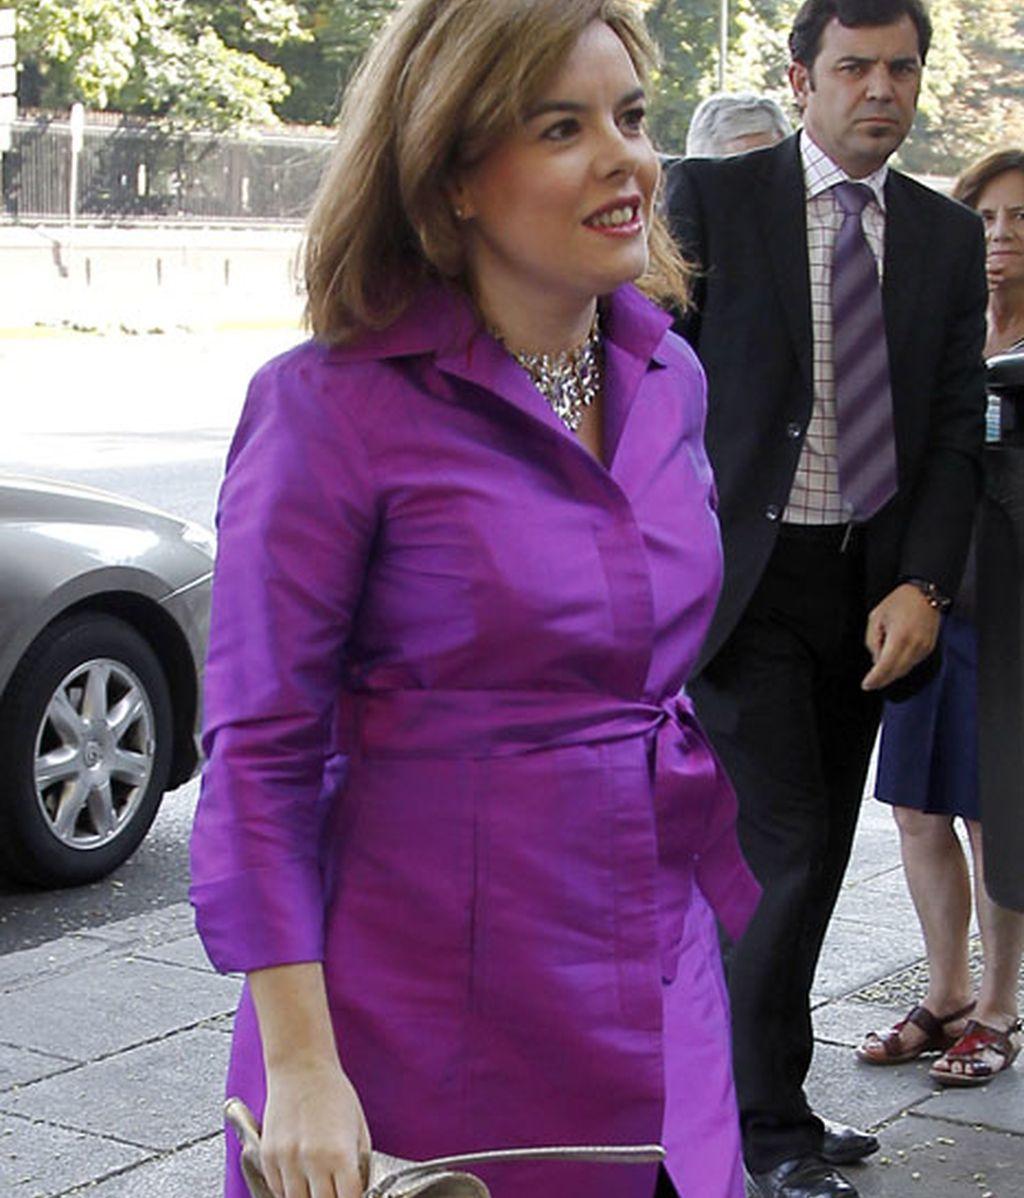 La vicepresidenta Soraya Sáenz de Santamaría acudió en tonos púrpuras